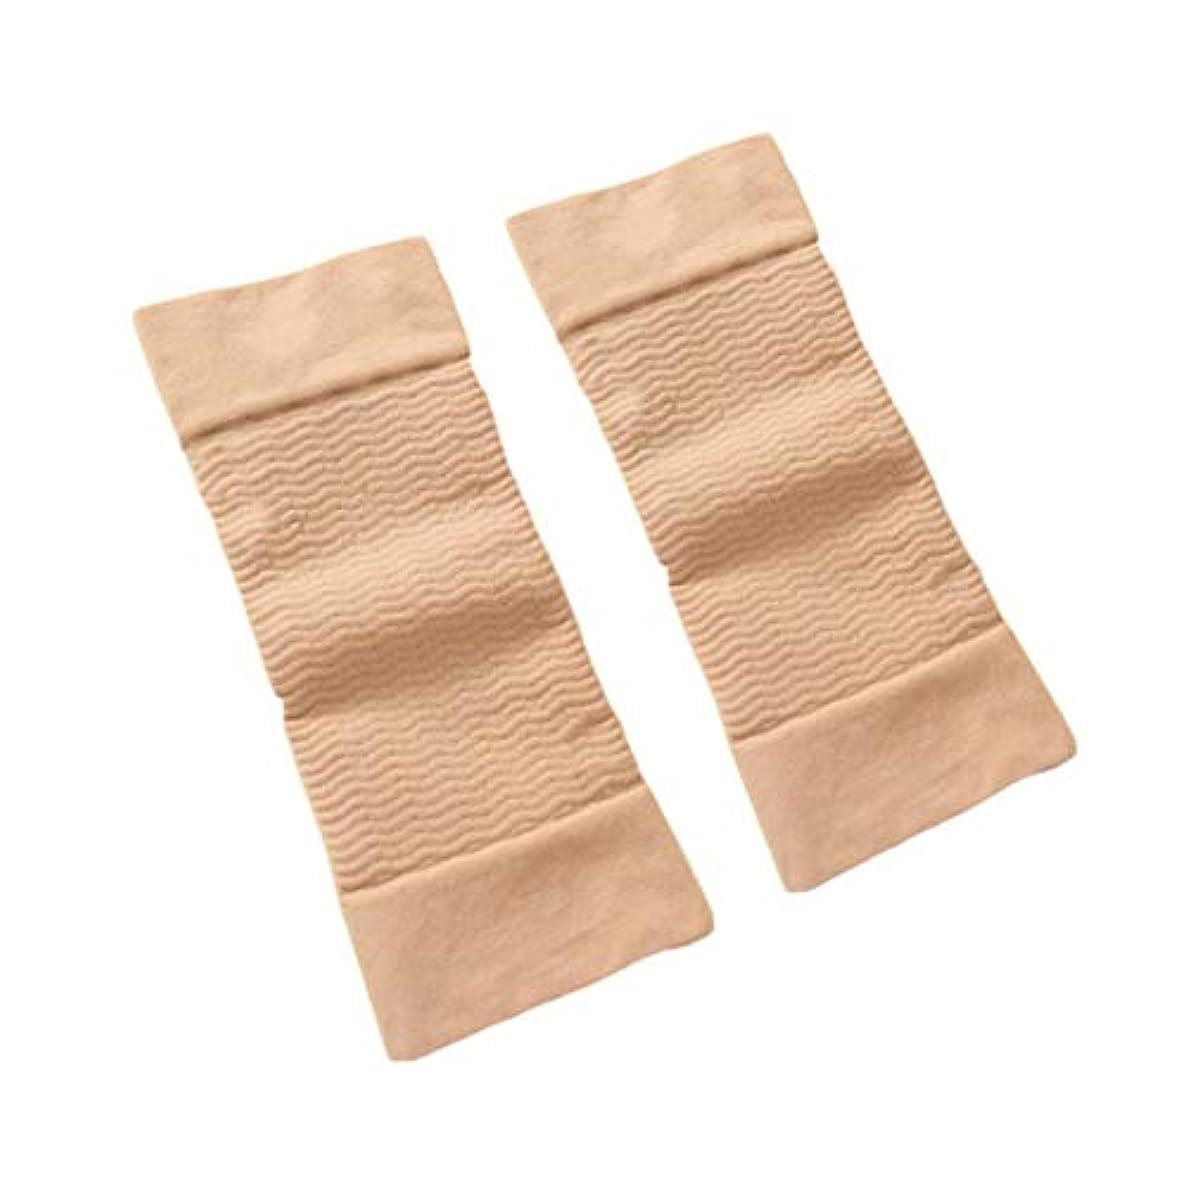 実験をする胆嚢絶対の1ペア420 D圧縮痩身アームスリーブワークアウトトーニングバーンセルライトシェイパー脂肪燃焼袖用女性 - 肌色